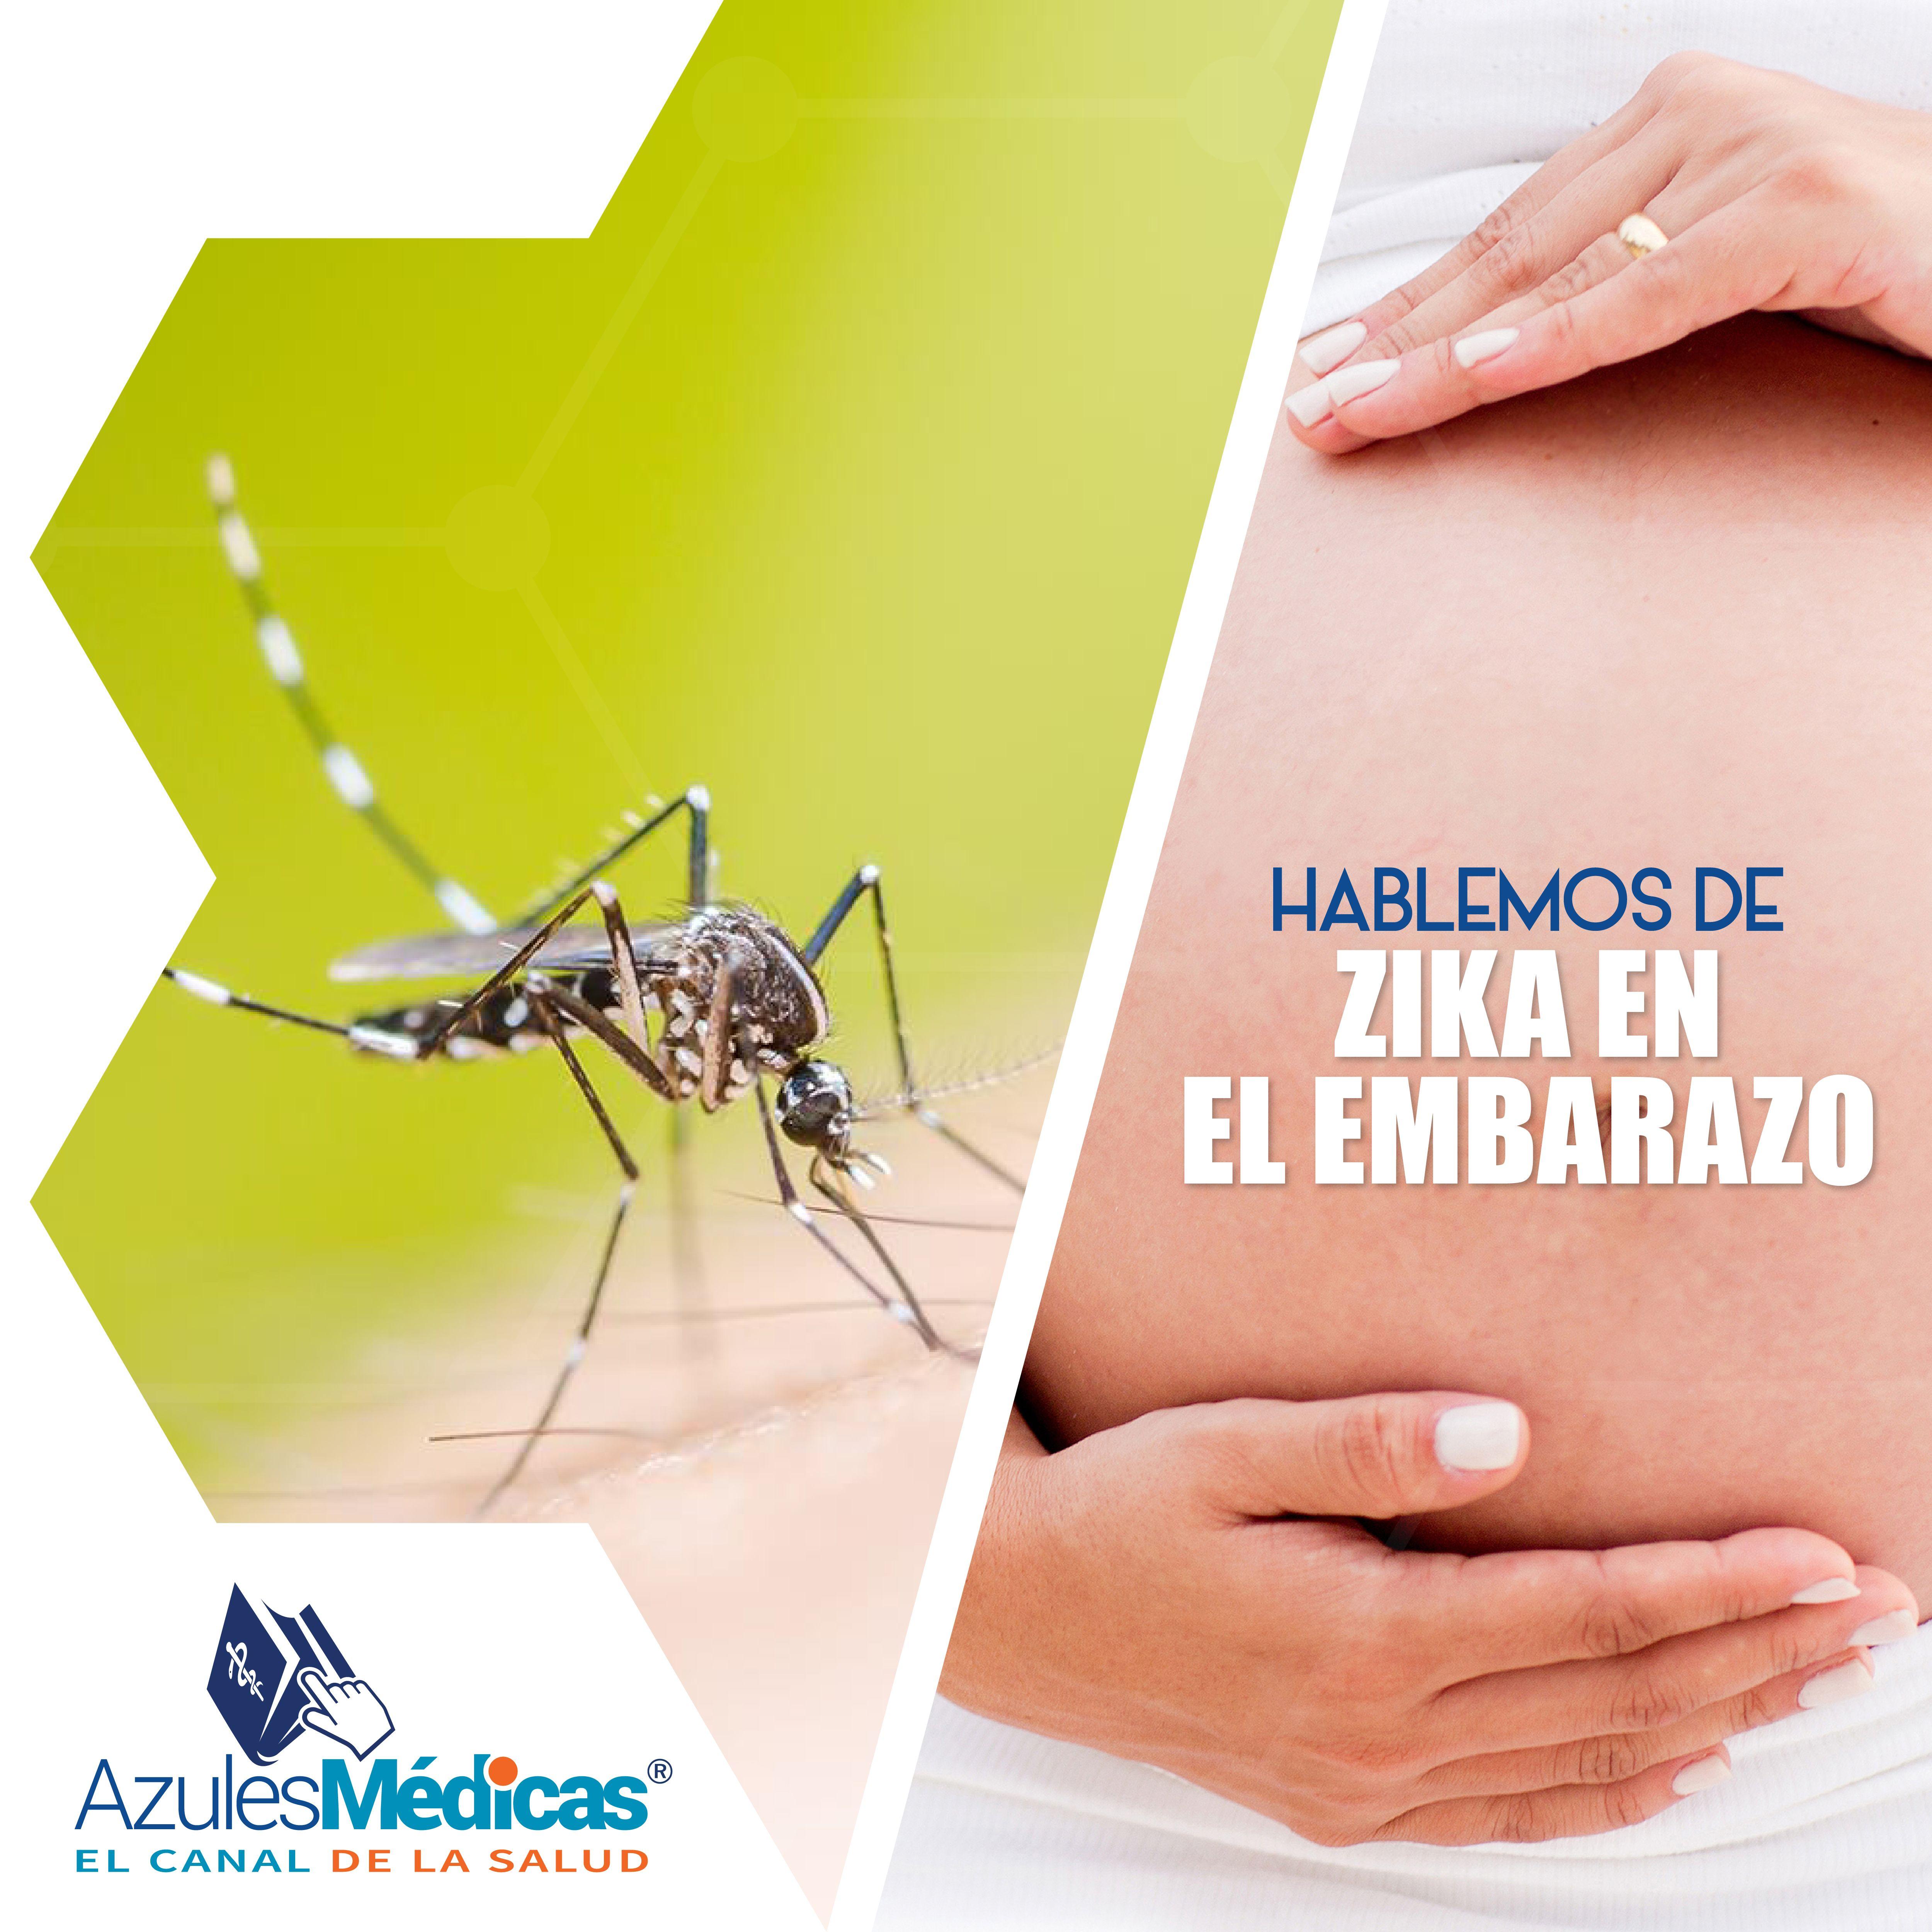 ¿Estás #Embarazada? Este artículo es para ti: http://bit.ly/1nBidnO  Entre todos podemos detener el #Zika